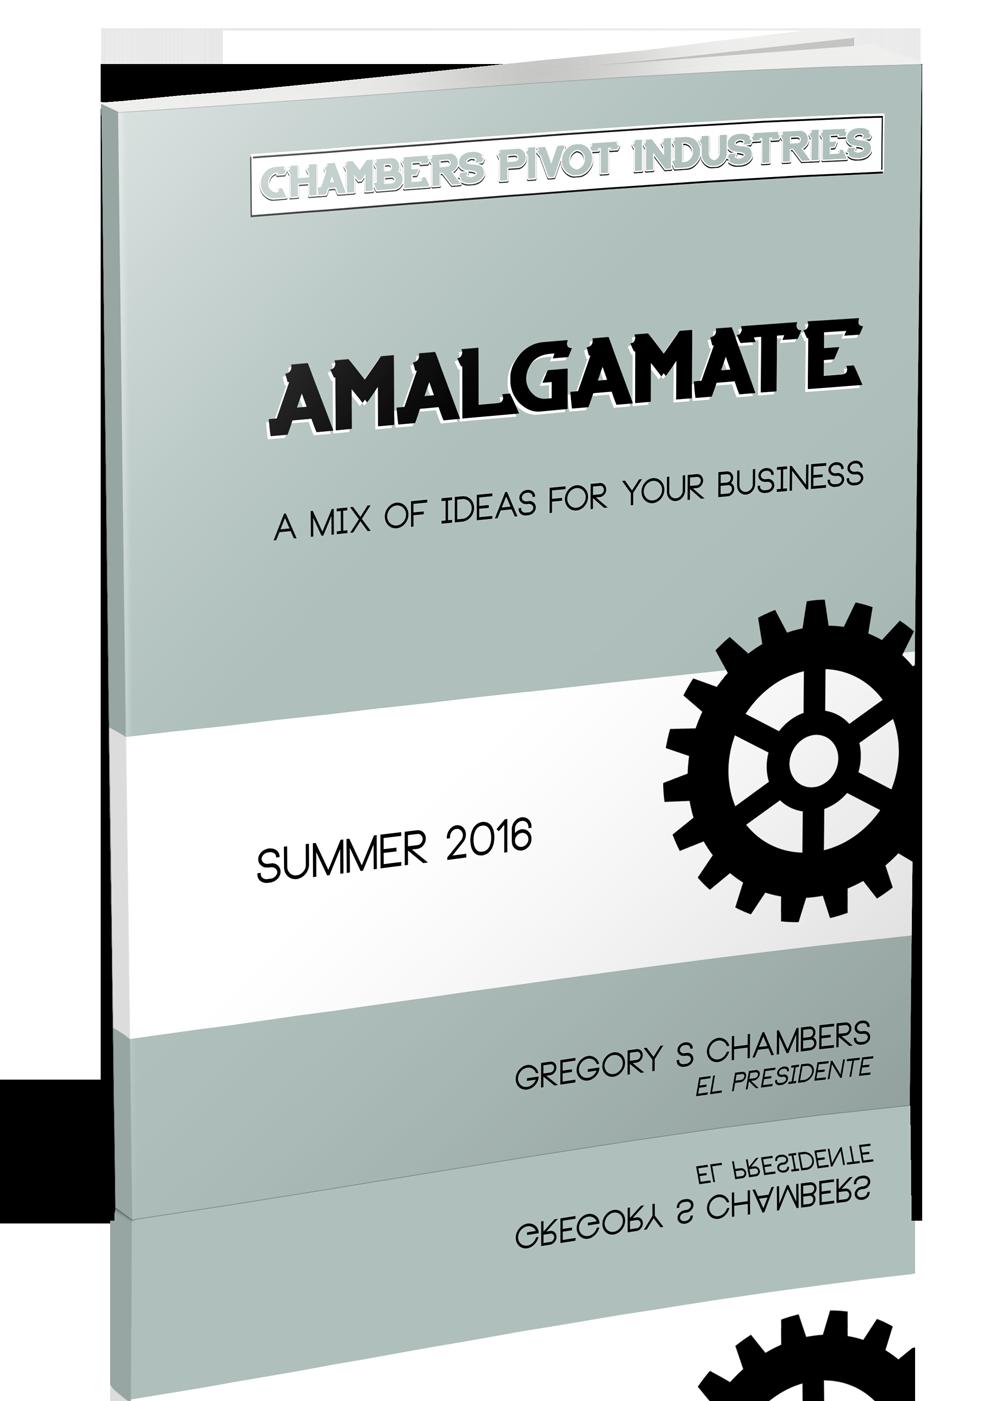 Image of Amalgamate